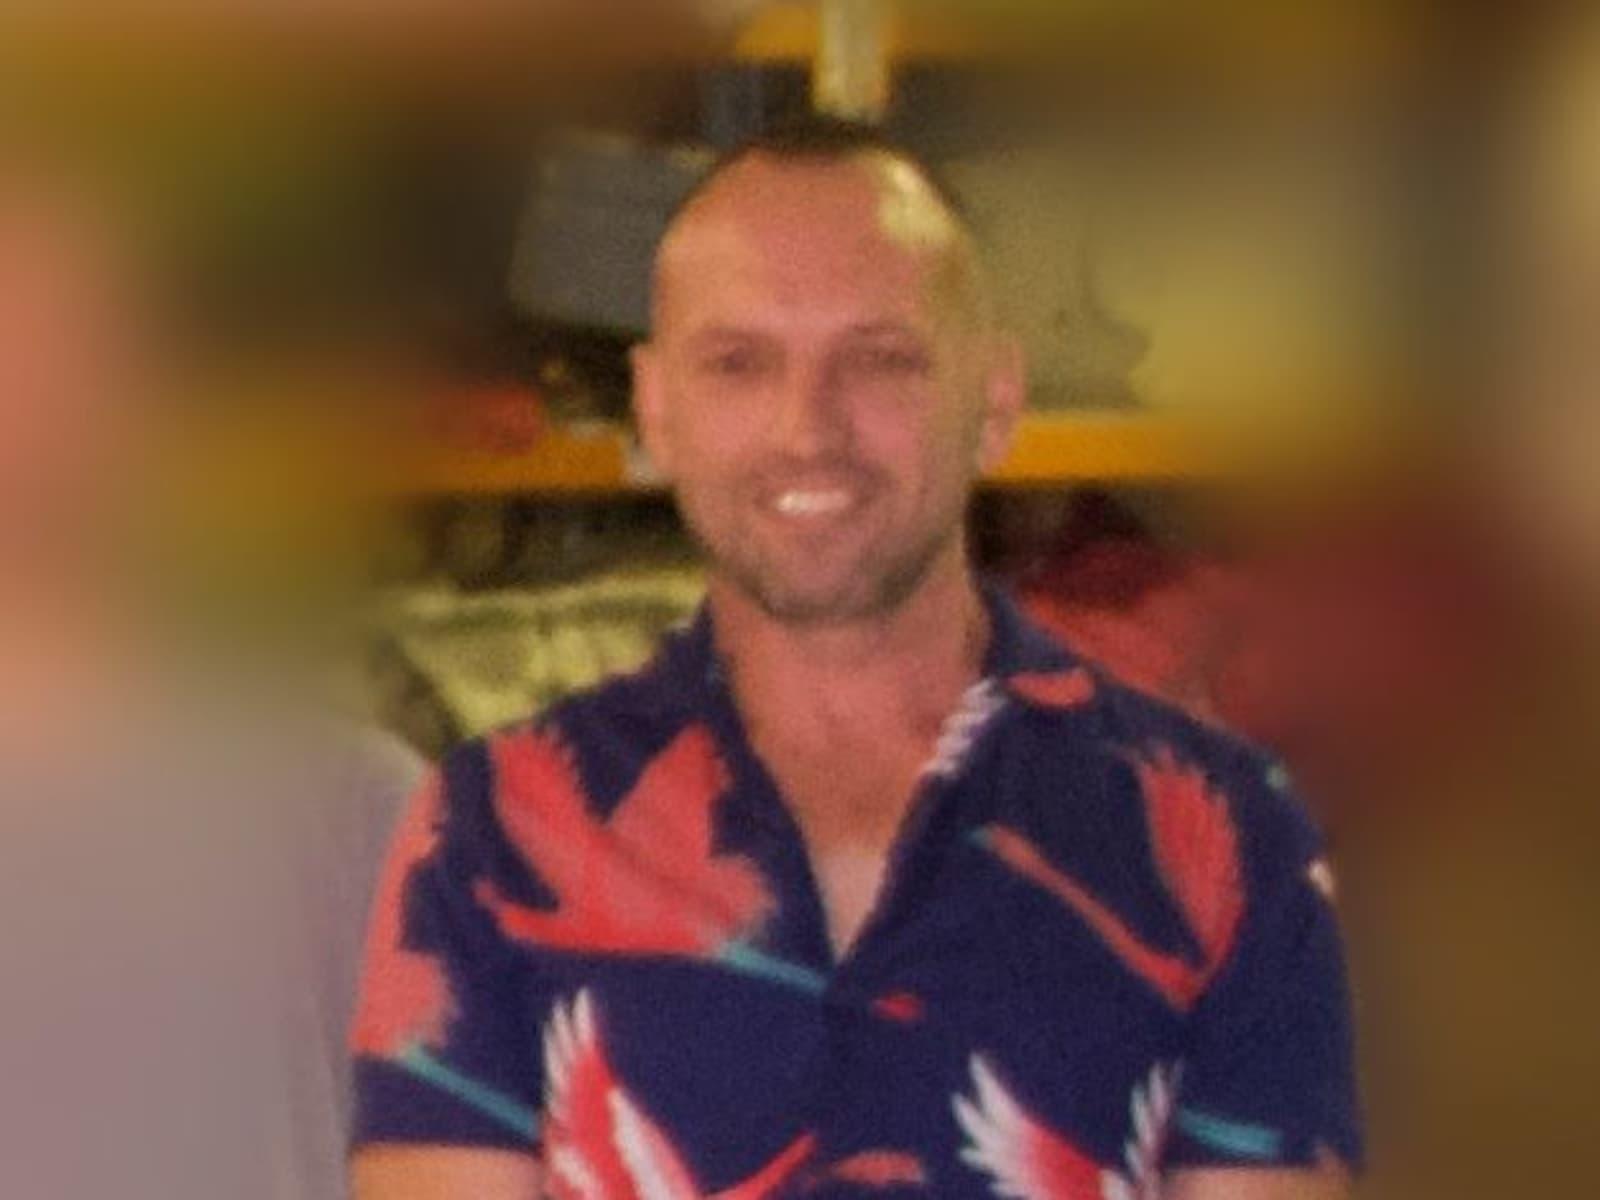 Daniell from Melbourne, Victoria, Australia